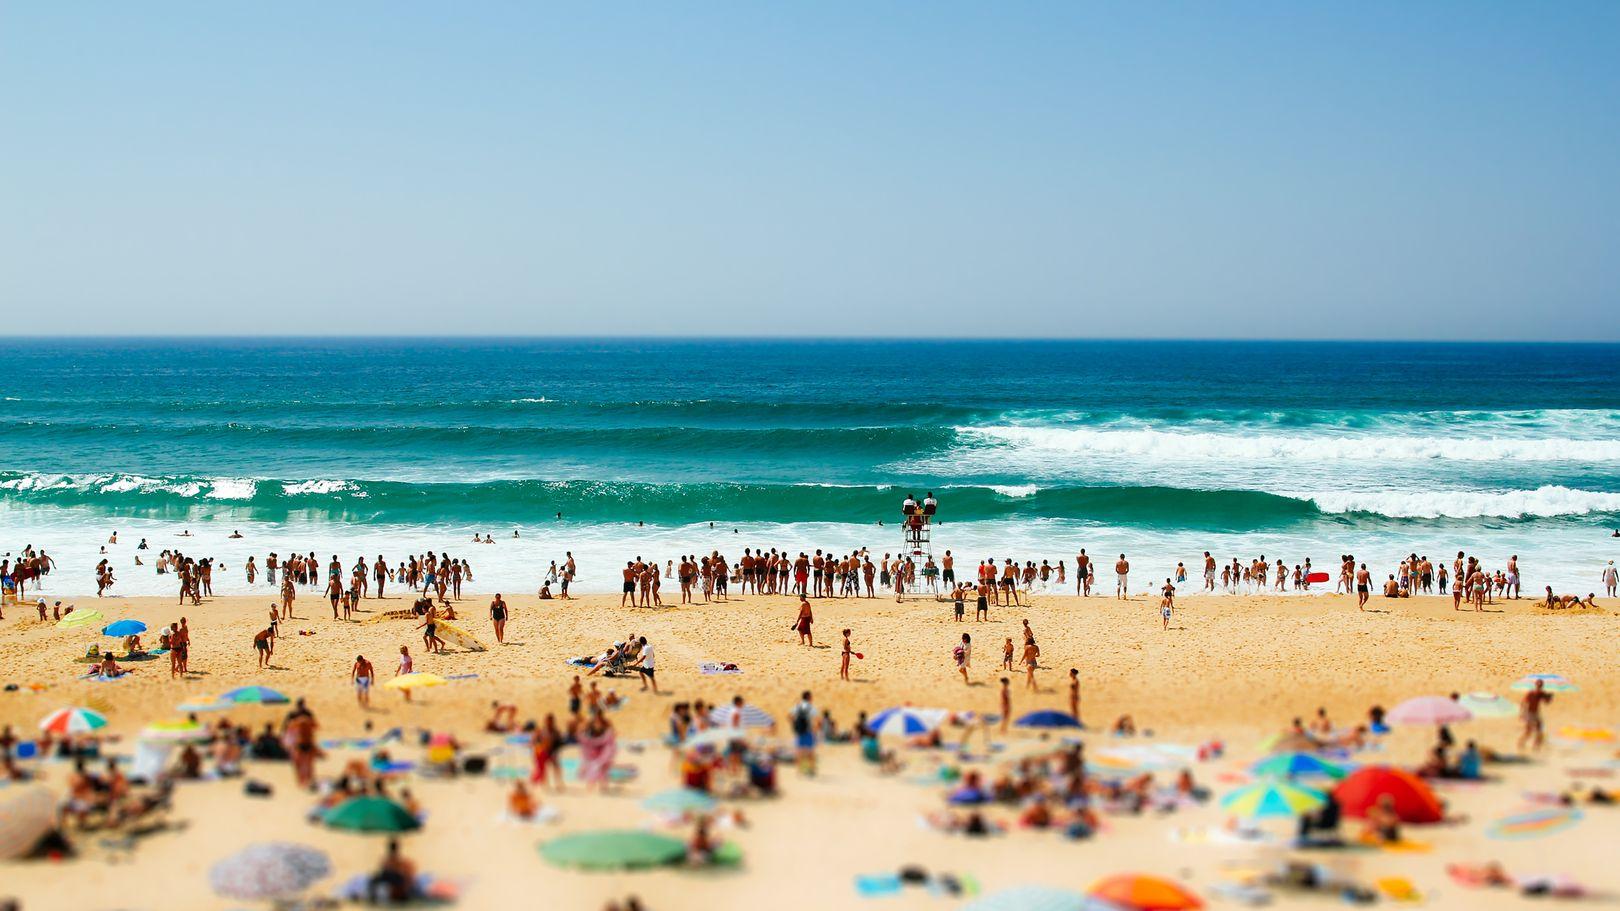 Menschen an einem Sandstrand.